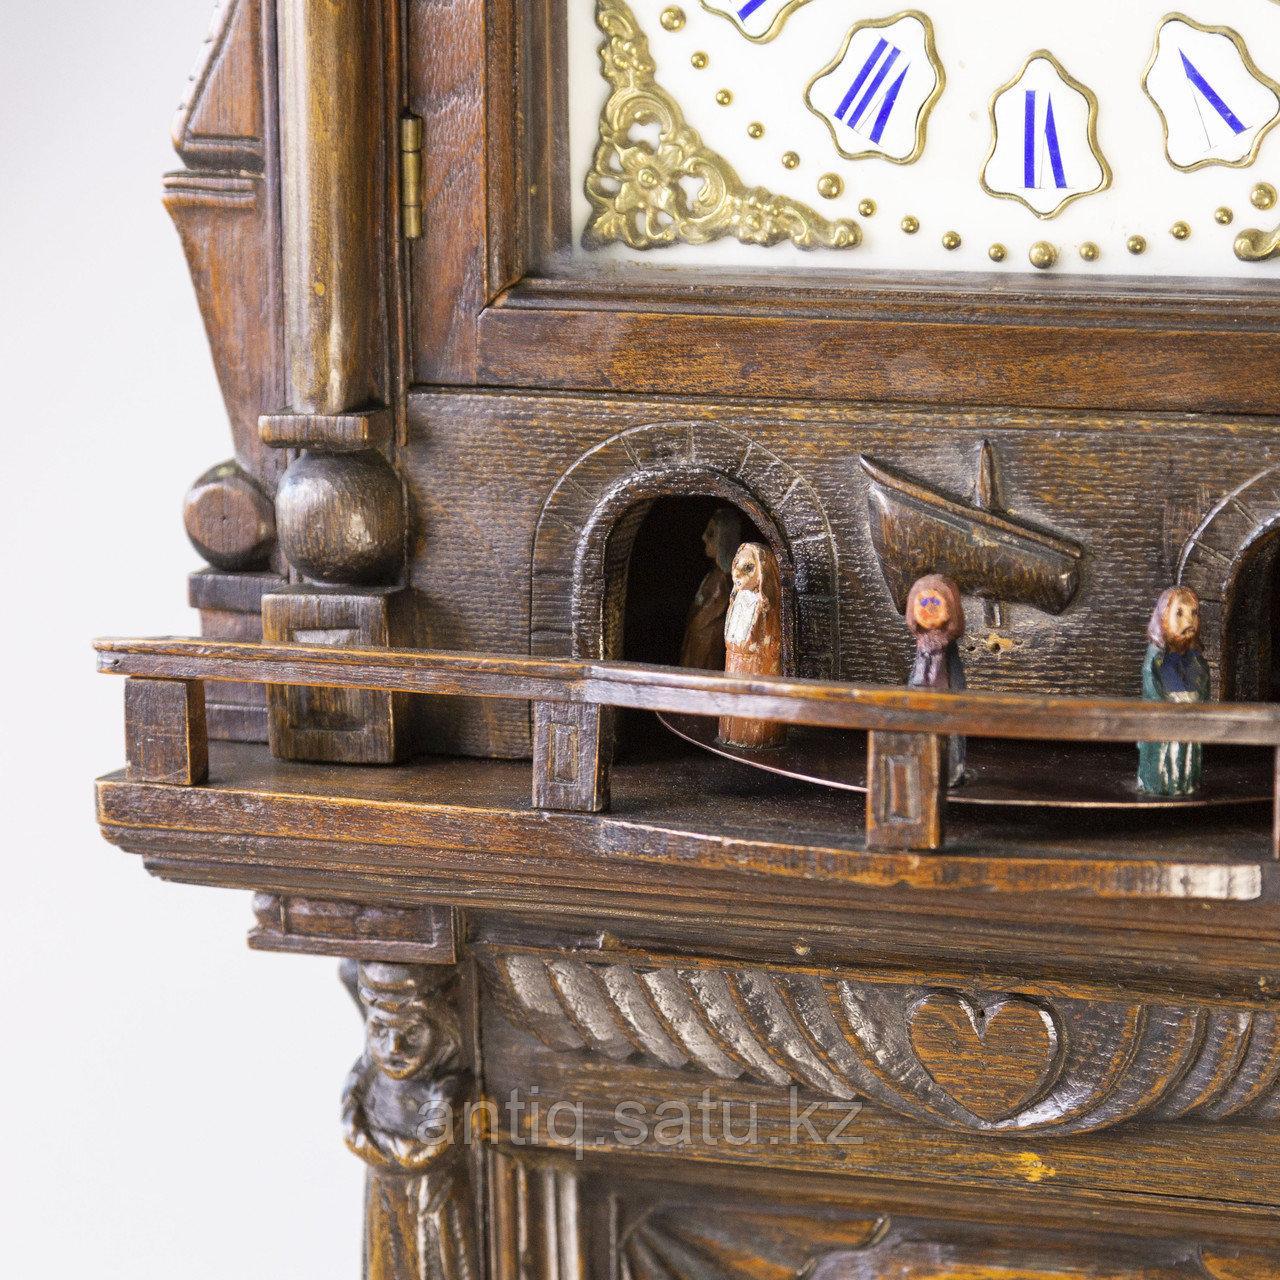 Напольные часы с каруселью. - фото 4